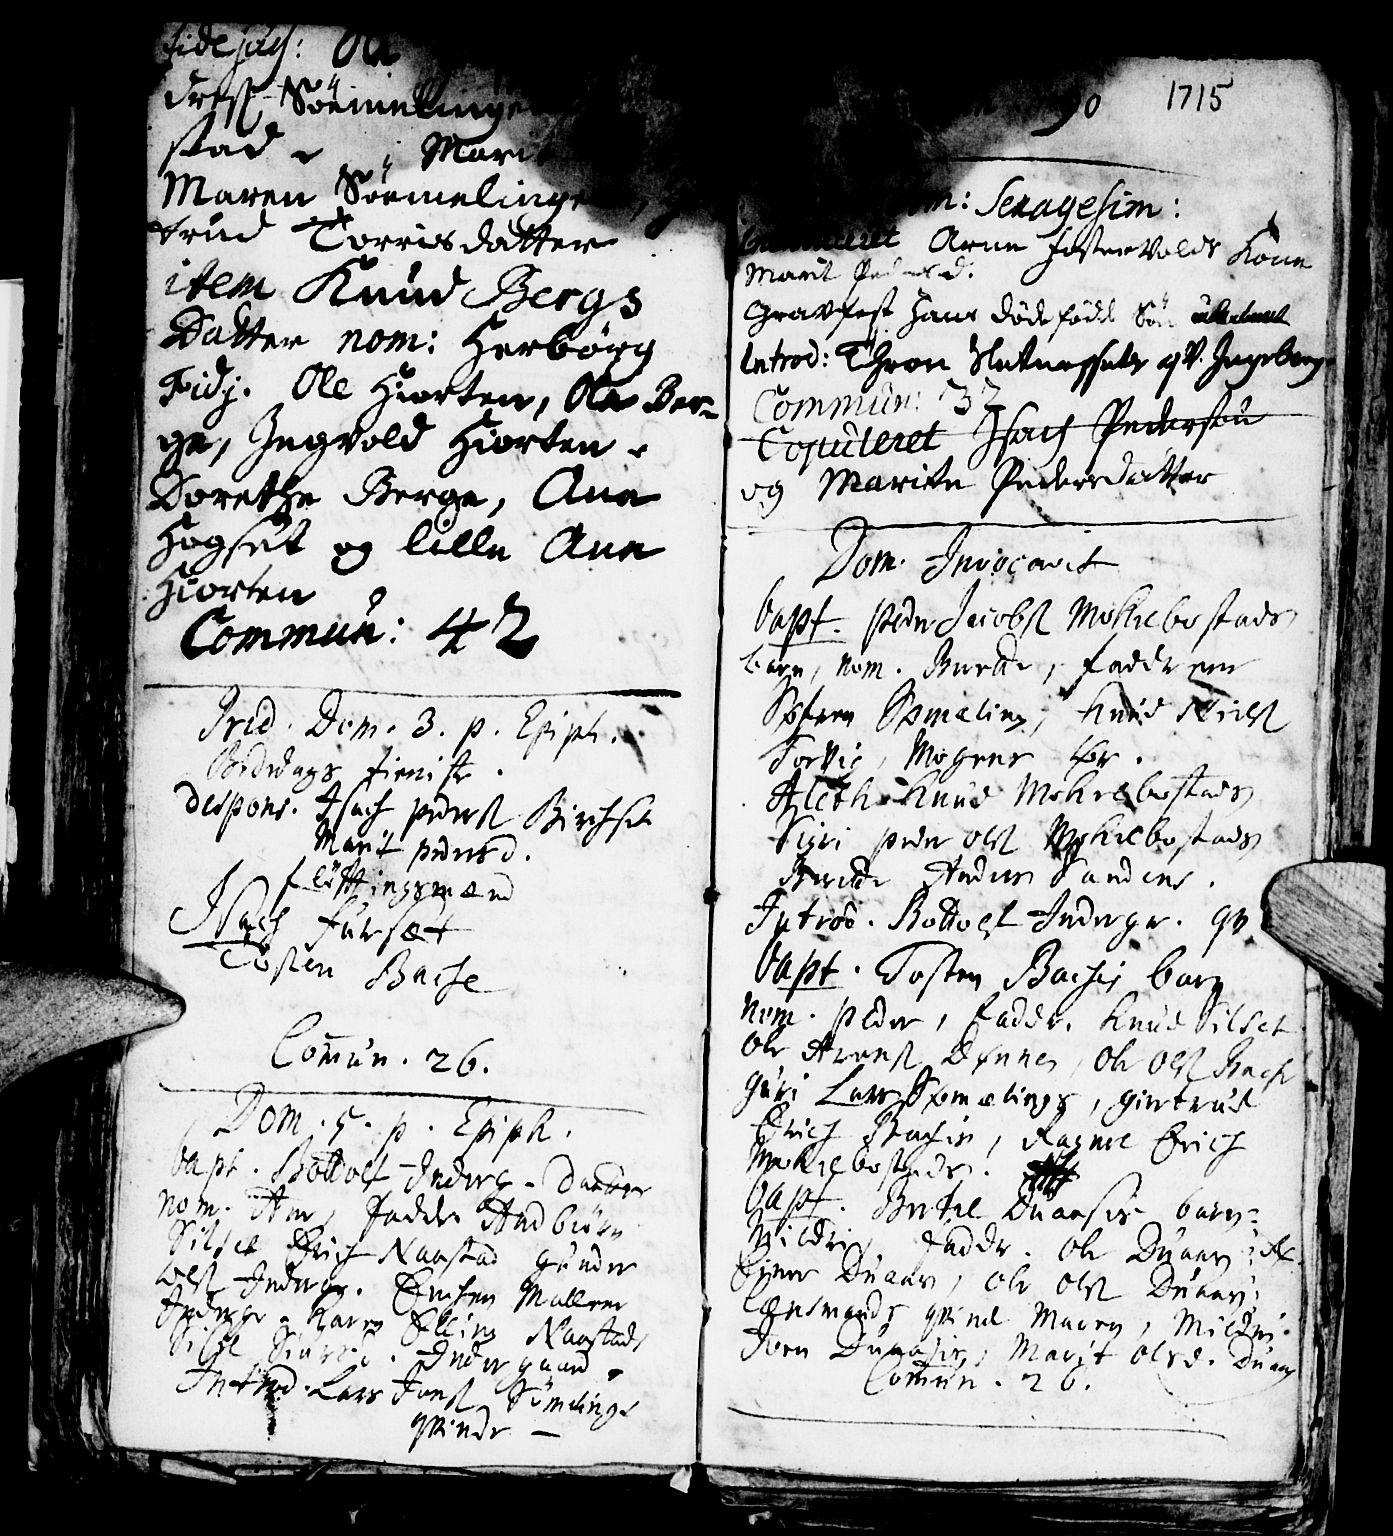 SAT, Ministerialprotokoller, klokkerbøker og fødselsregistre - Møre og Romsdal, 584/L0963: Ministerialbok nr. 584A03, 1702-1725